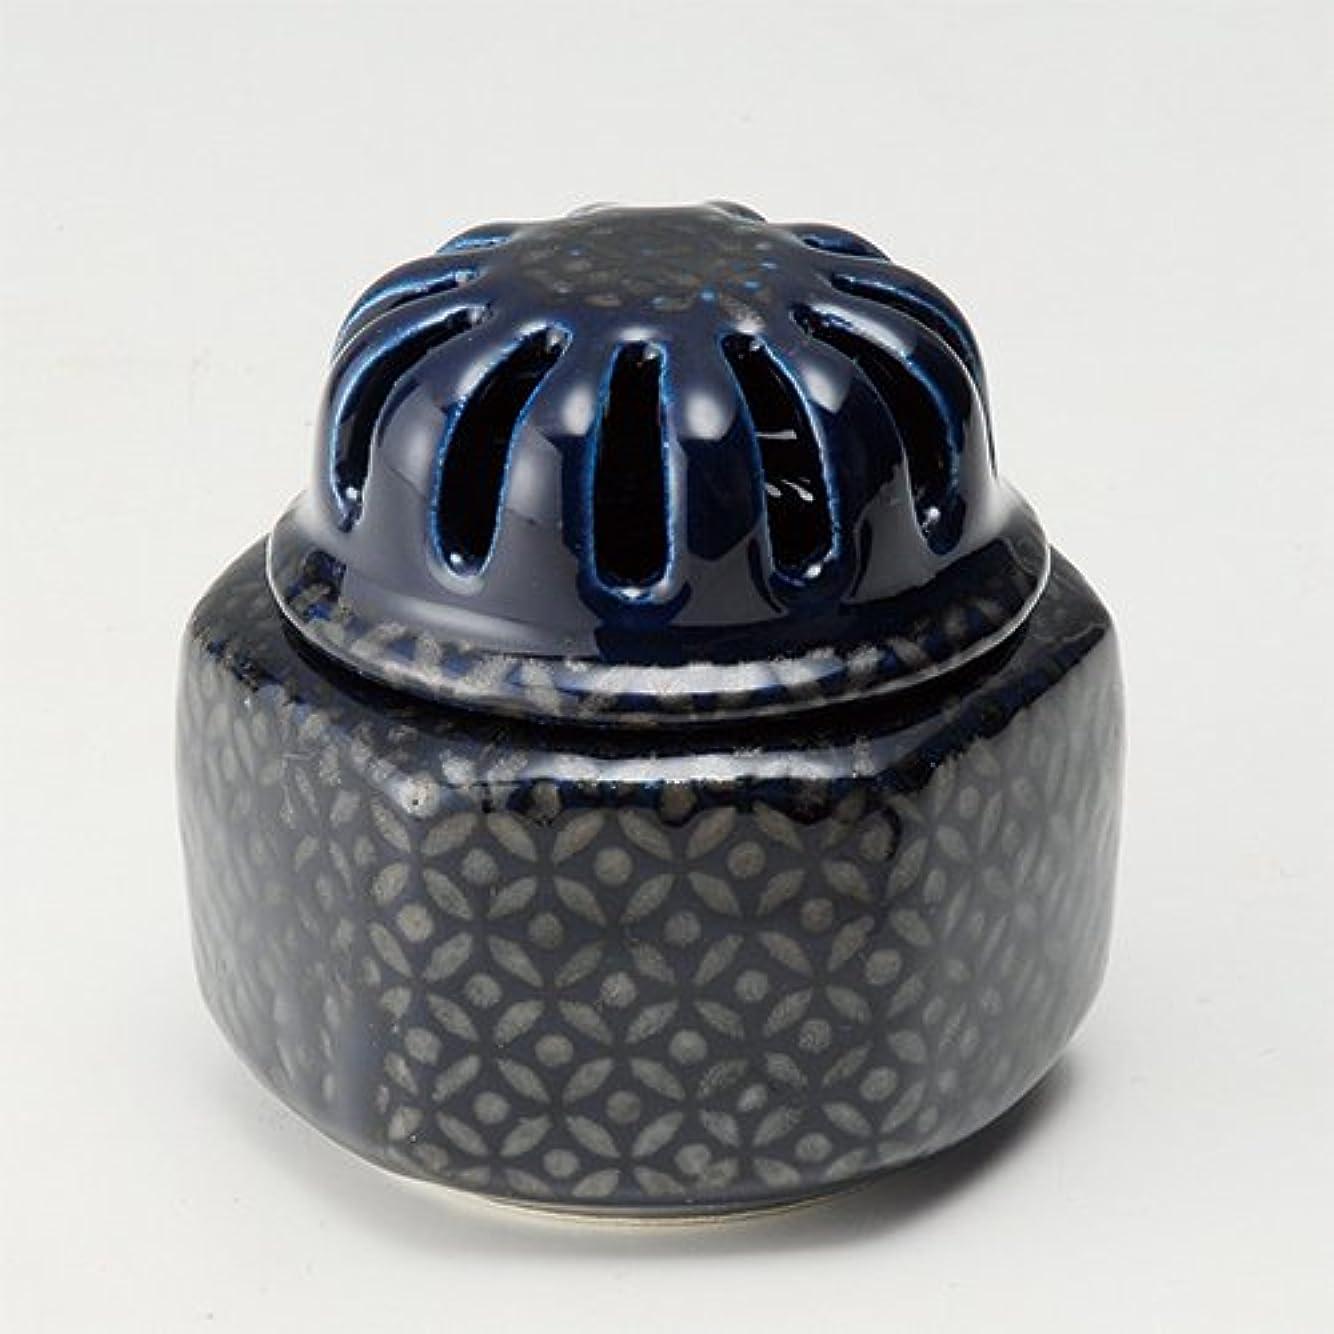 雑草伝染性測定香炉 瑠璃七宝 福香炉 [R8.8xH8.7cm] プレゼント ギフト 和食器 かわいい インテリア